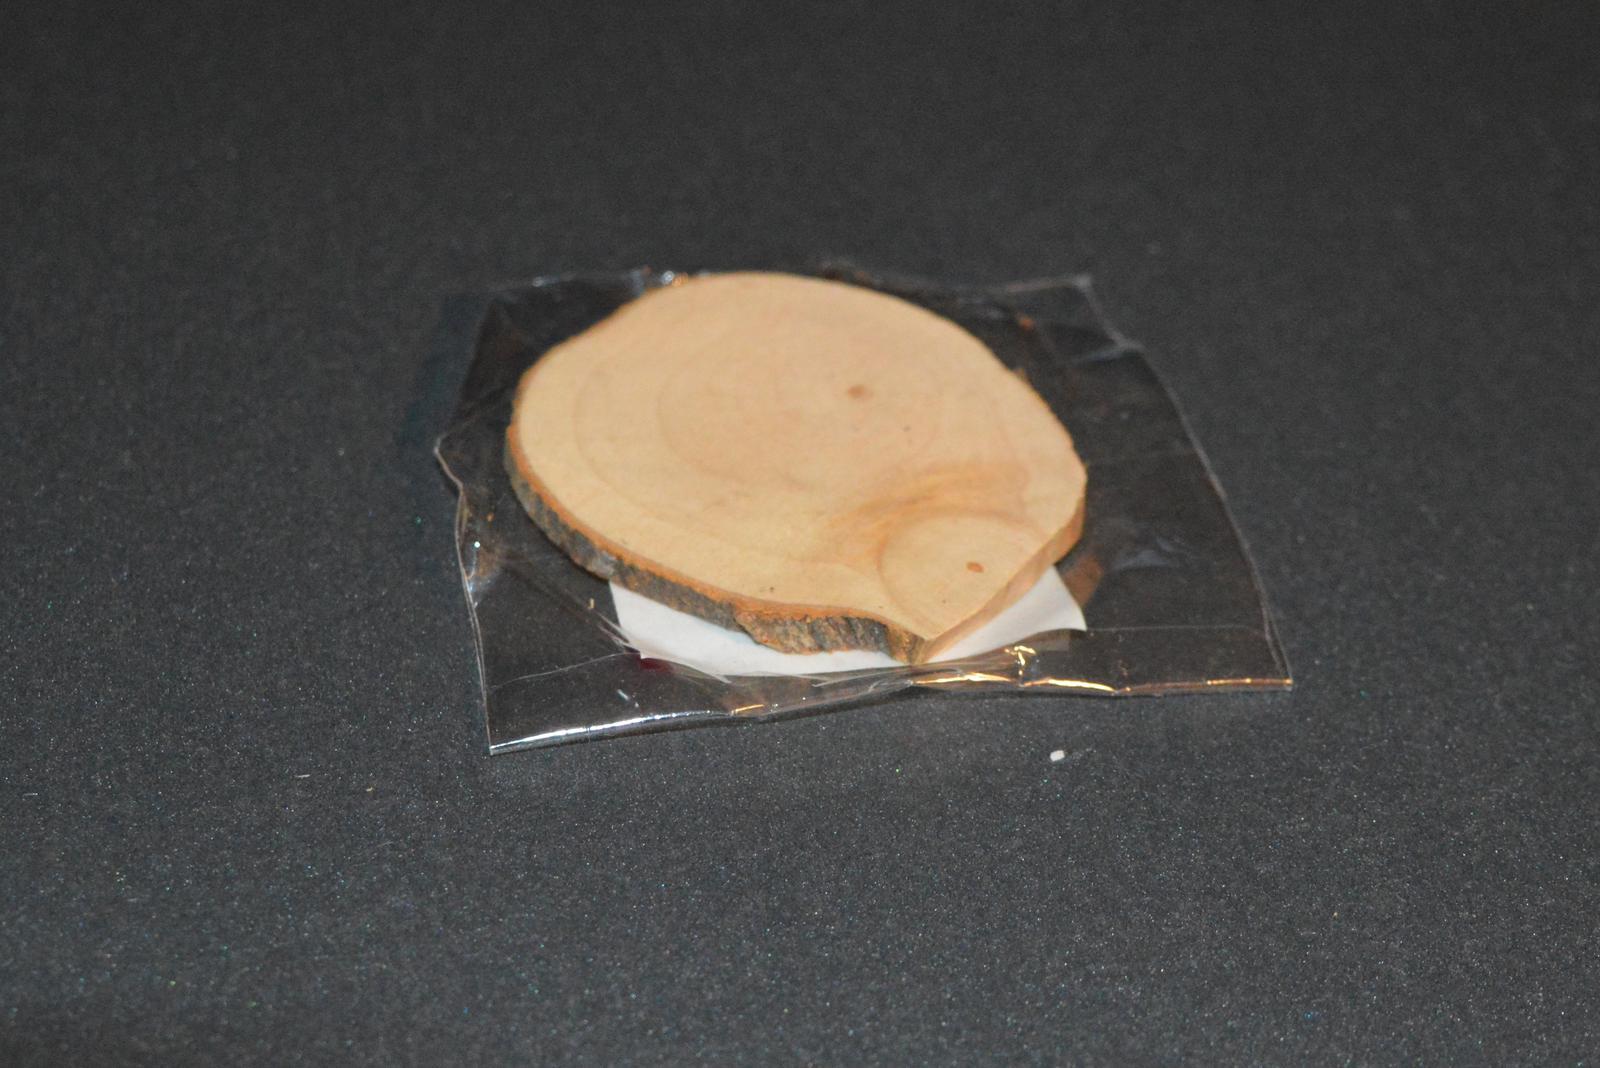 Malé drevené podložky - Obrázok č. 1